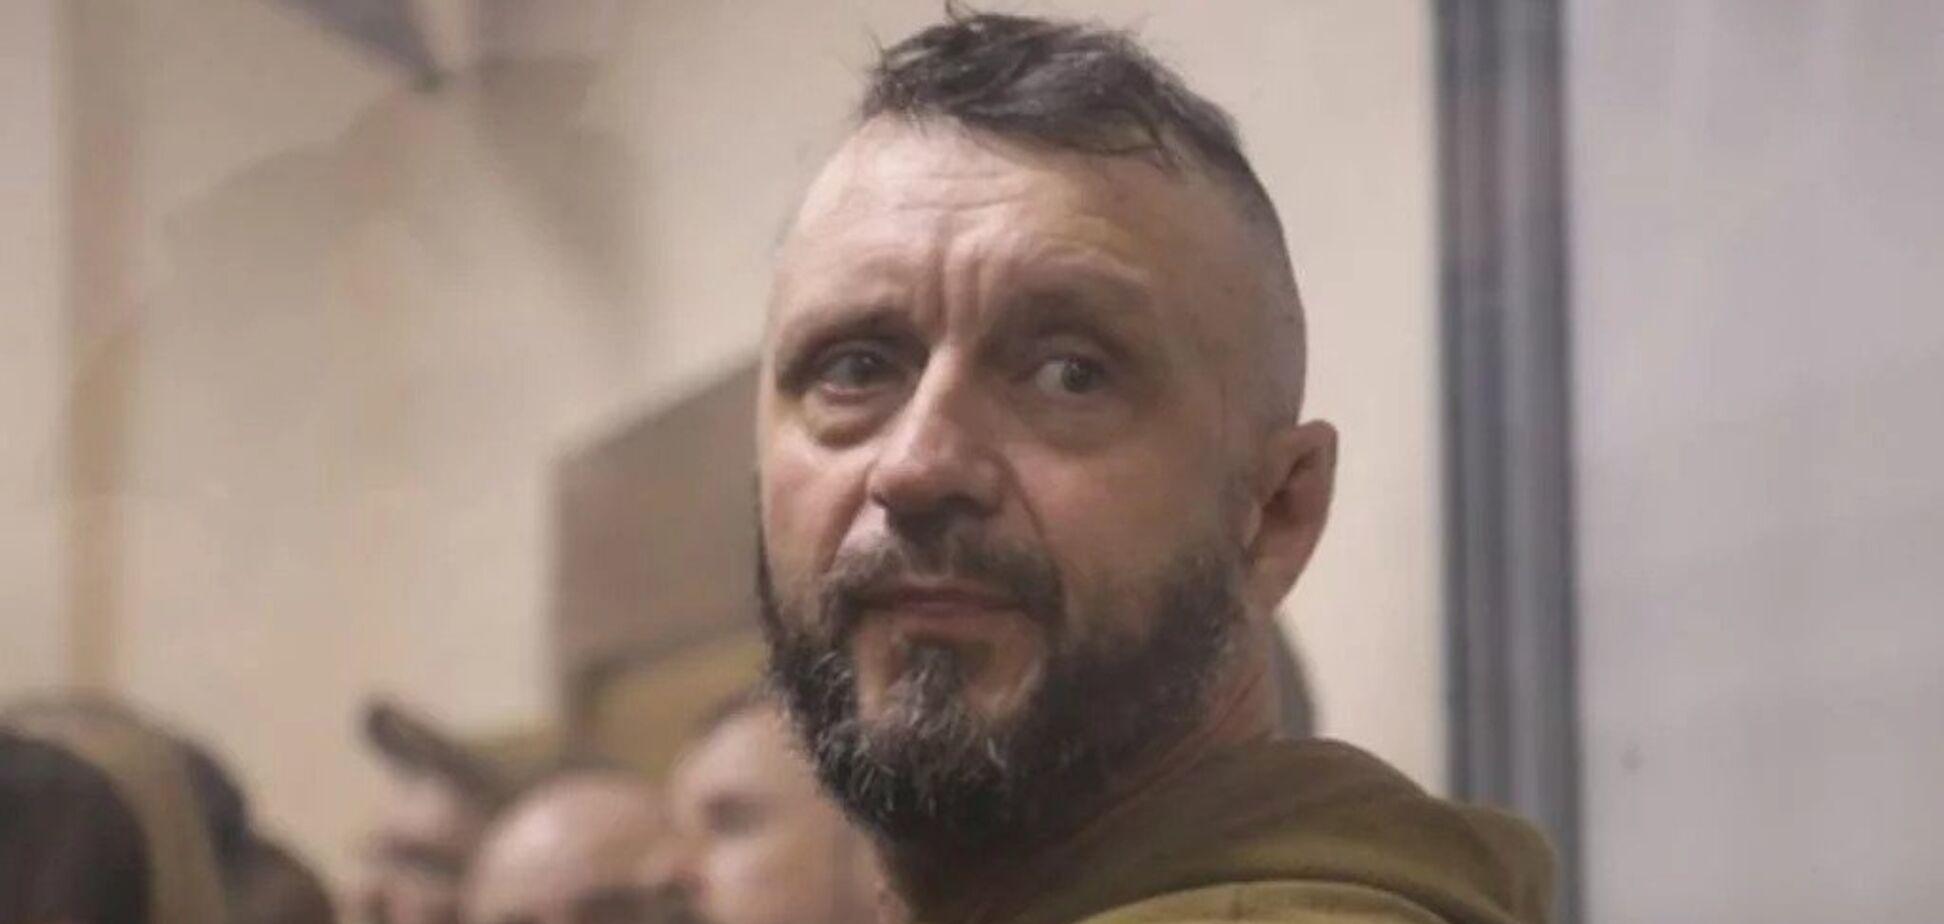 'Руки в татуировках, уши сломаны': Антоненко рассказал, чем отличается от убийцы на видео